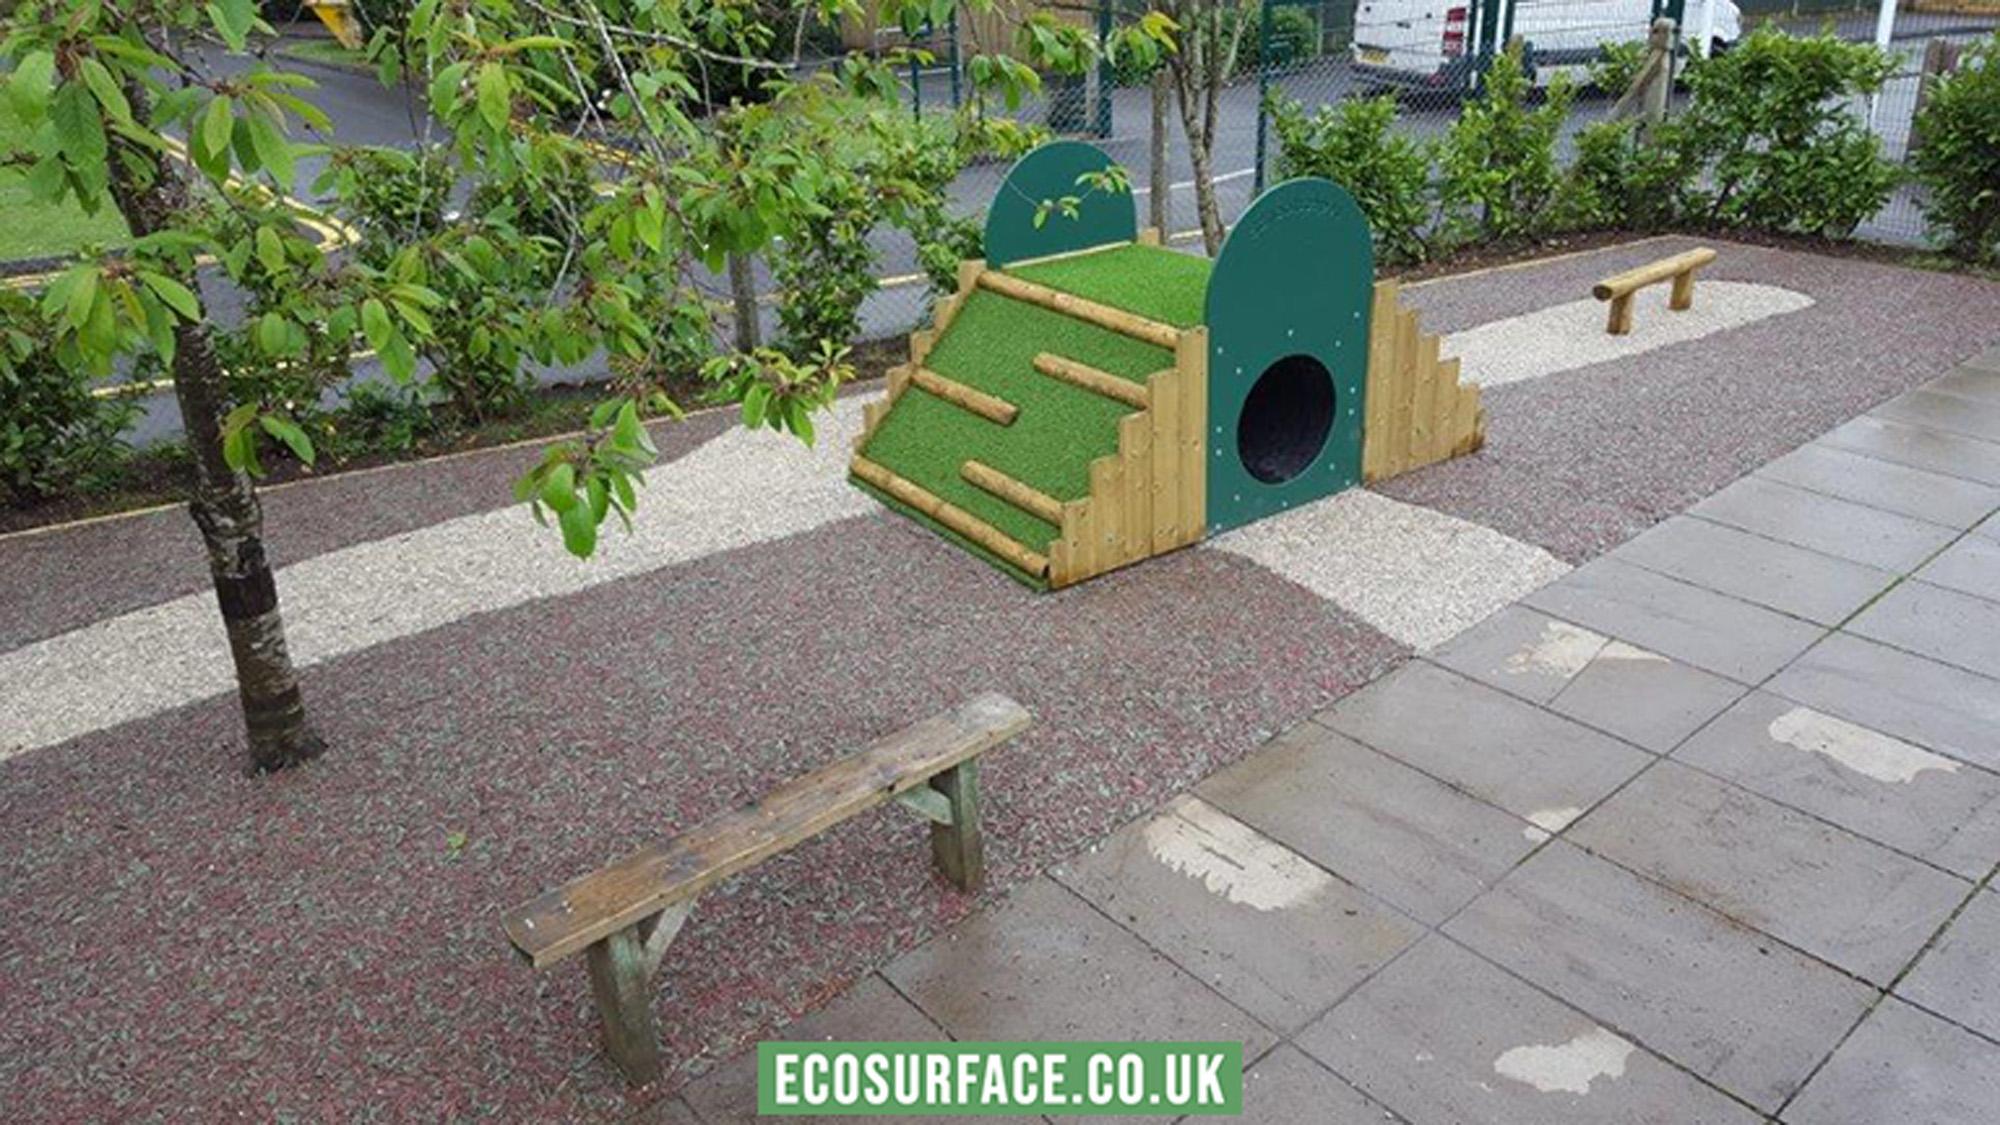 Ecosurface (108)